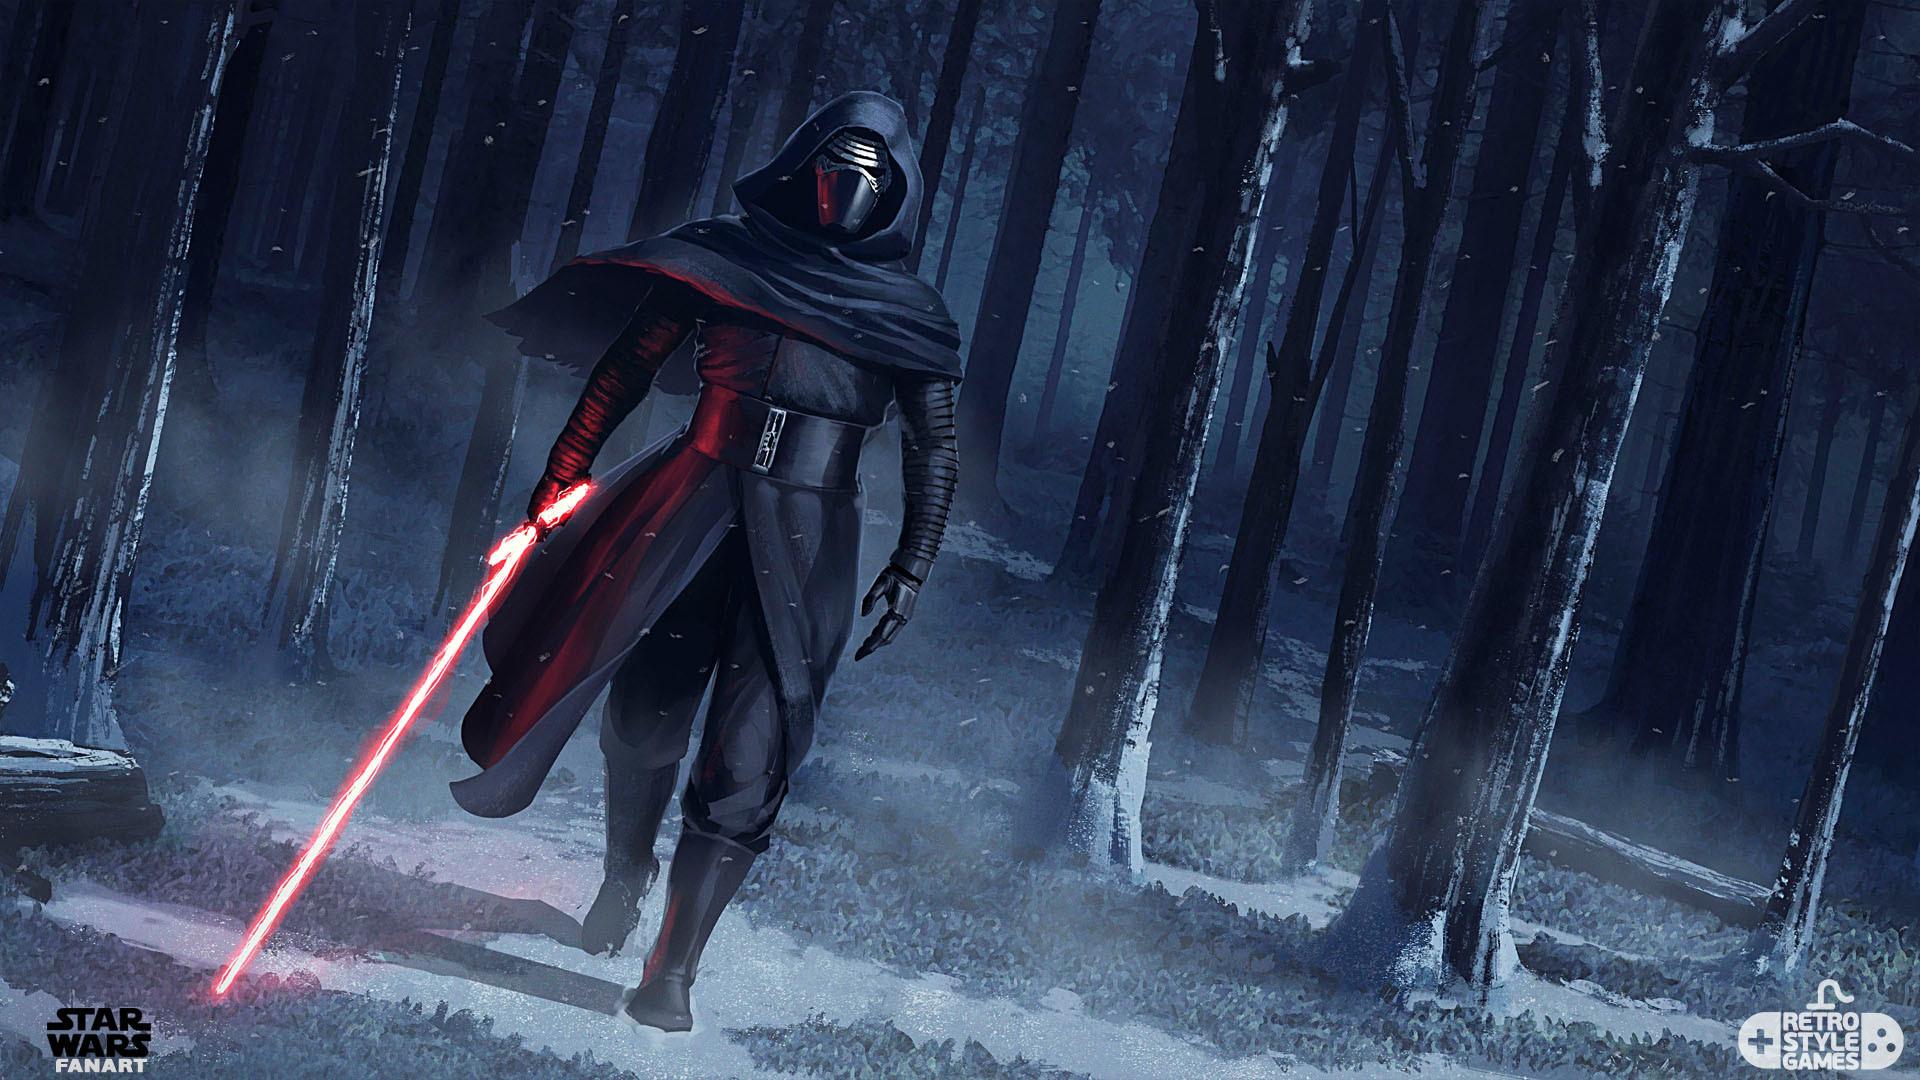 Kylo Ren Force Awakens Fan Art Hd Movies 4k Wallpapers